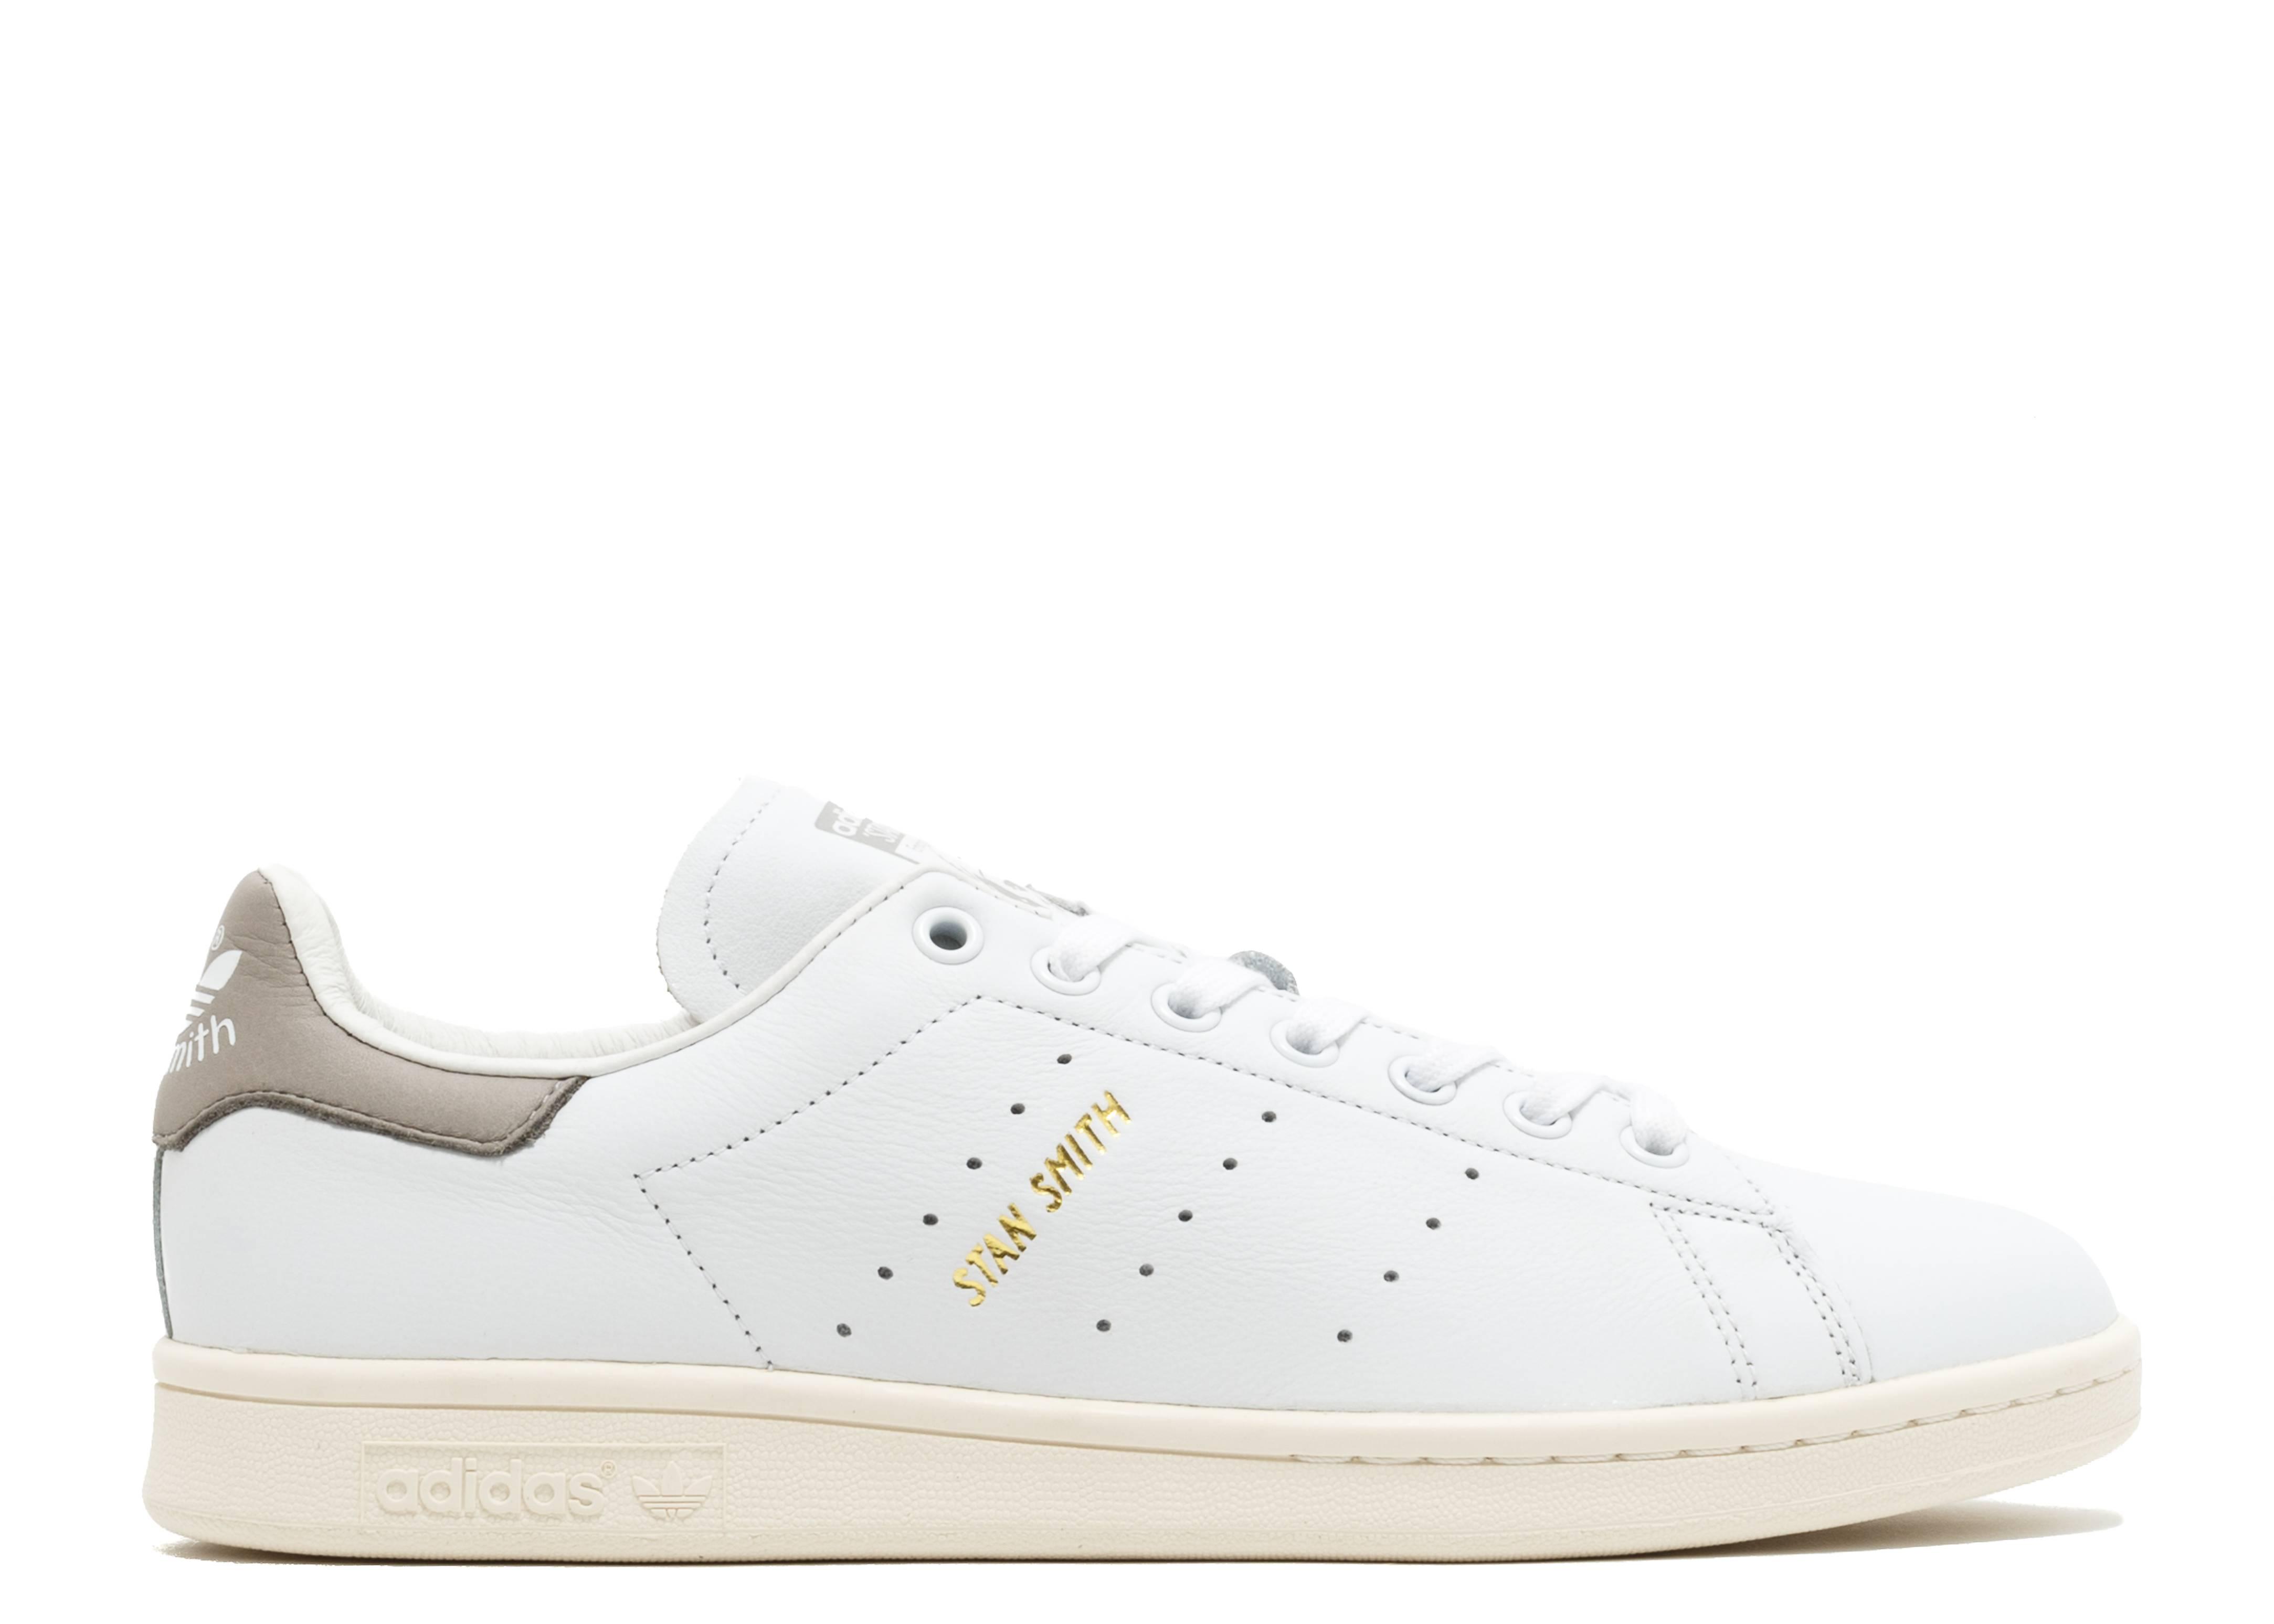 Adidas Originals Stan Smith White Clear Granite S75075